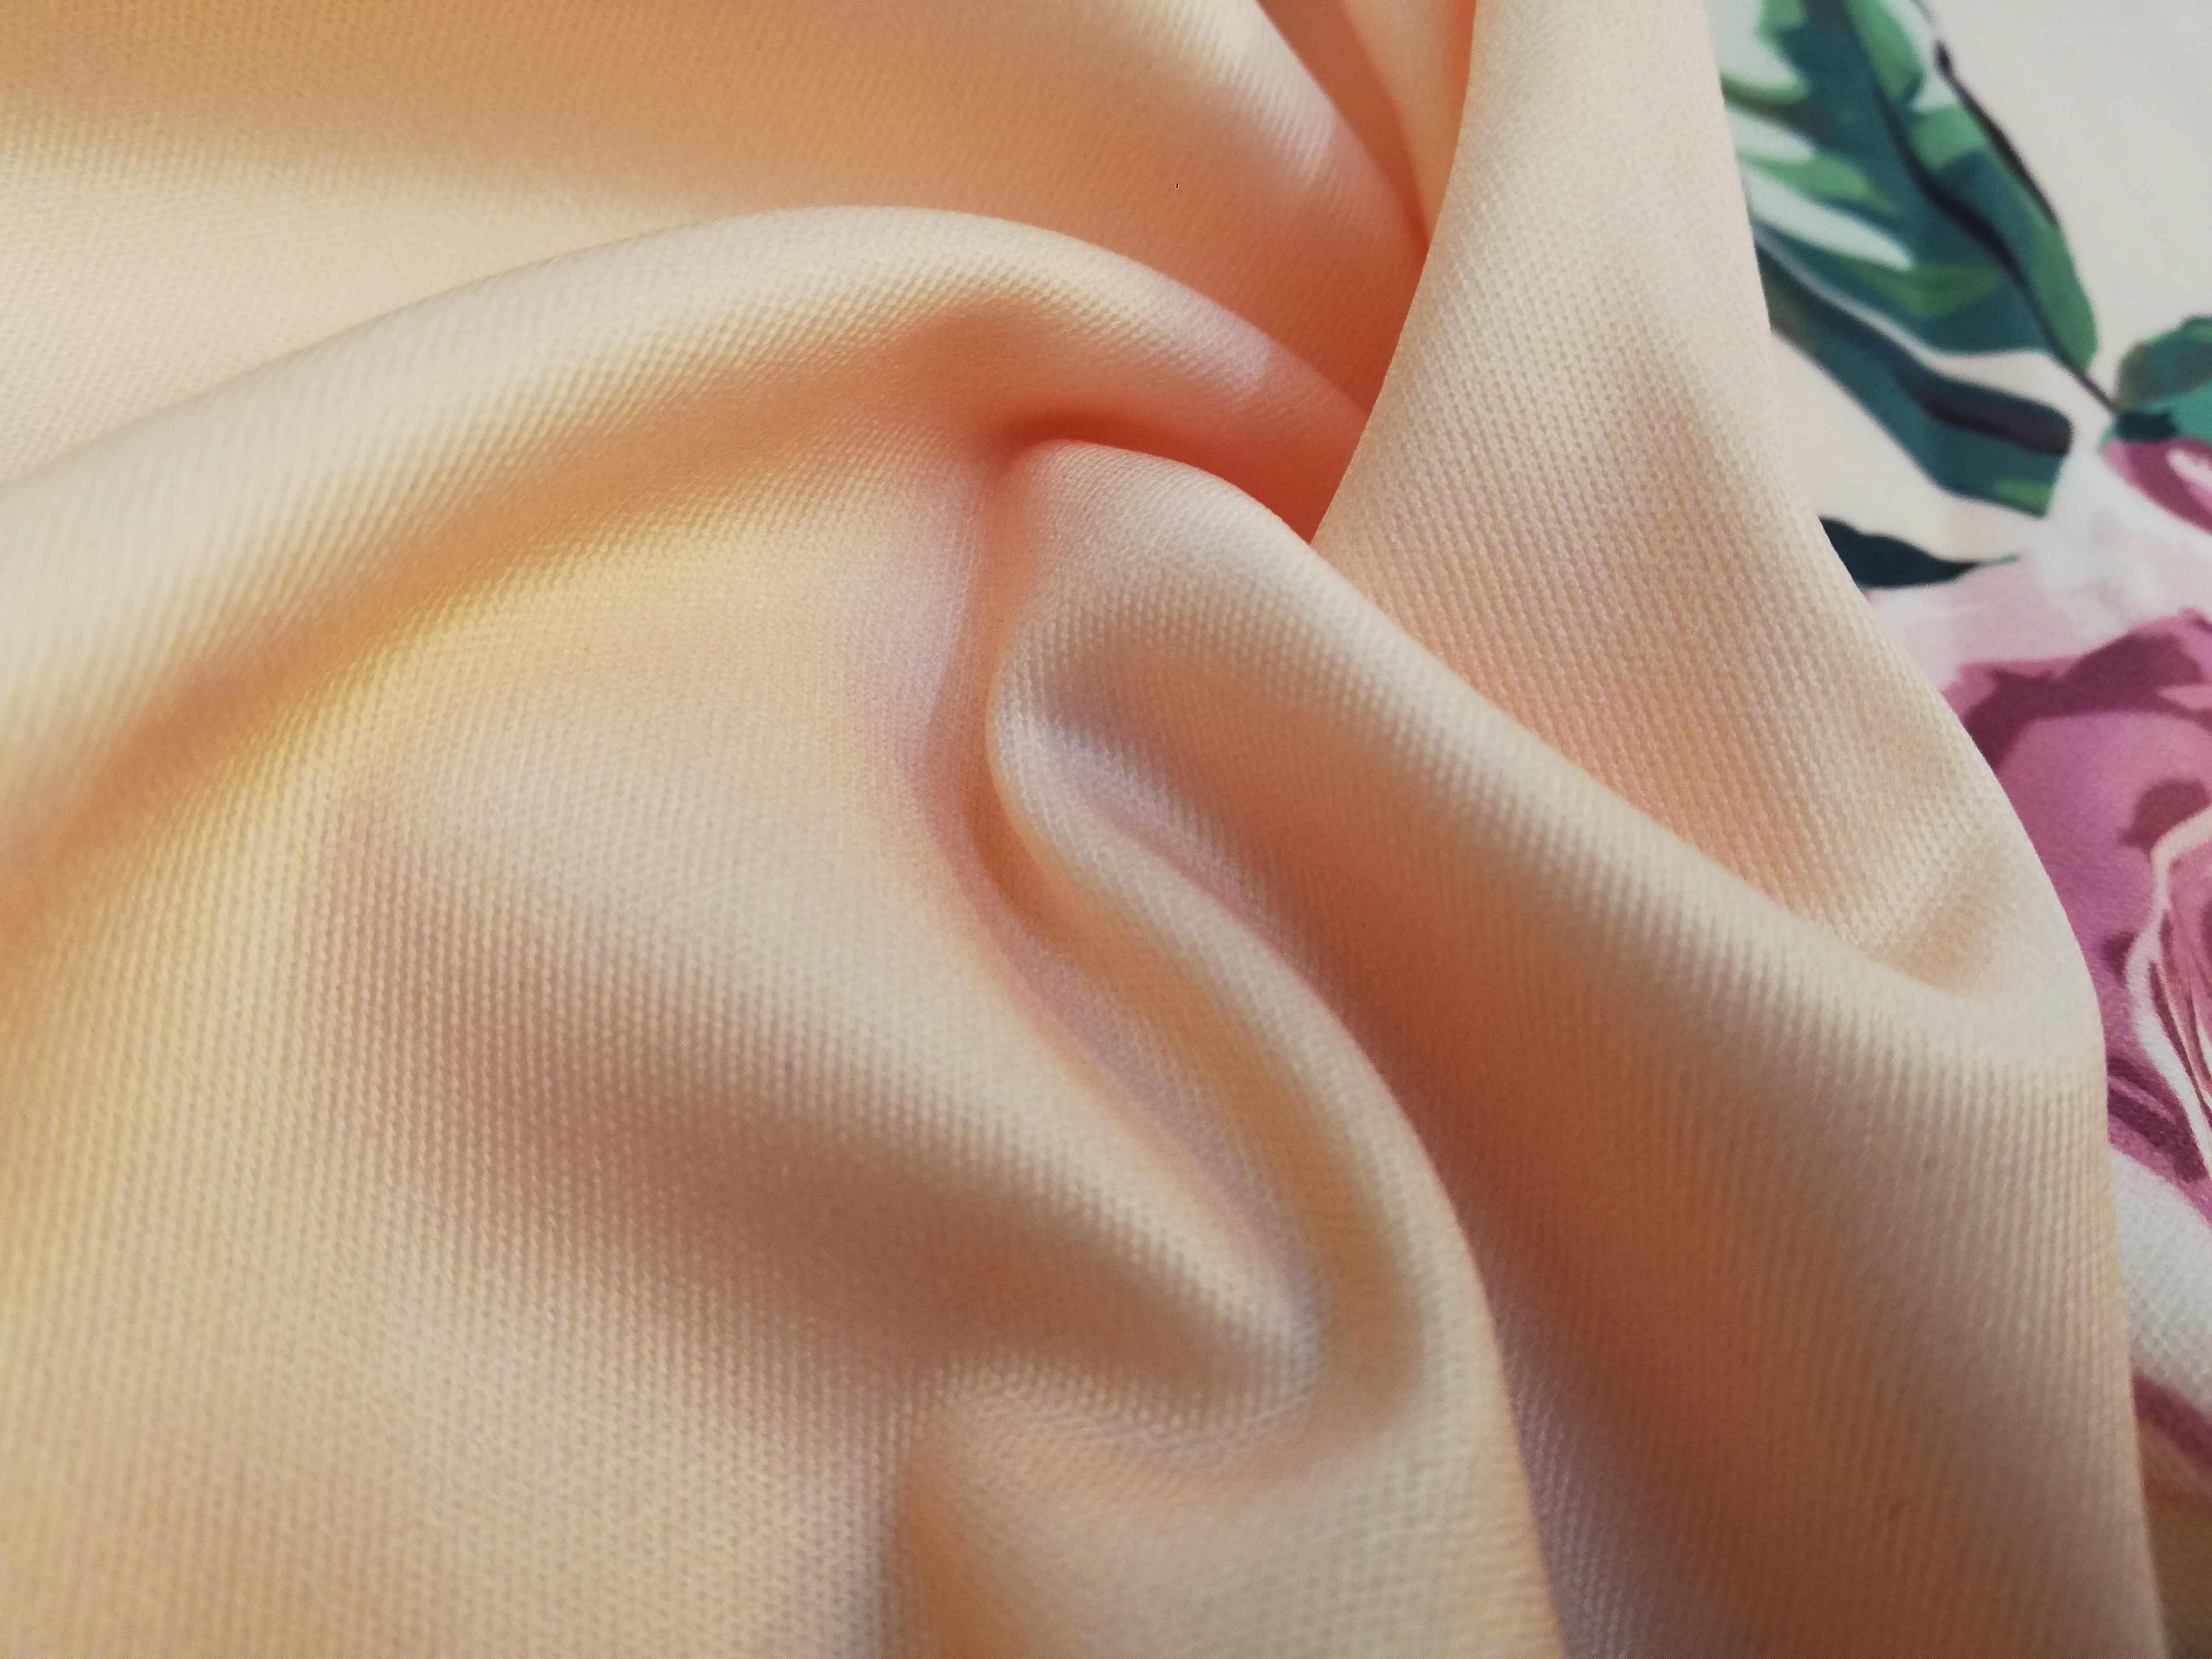 Vestito Da Estate delle donne 2019 casual mezza Manica Vestito Lungo Boho Stampa Floreale Maxi Vestito Elegante Abiti Da Cintura A Vita Alta Lungo abiti